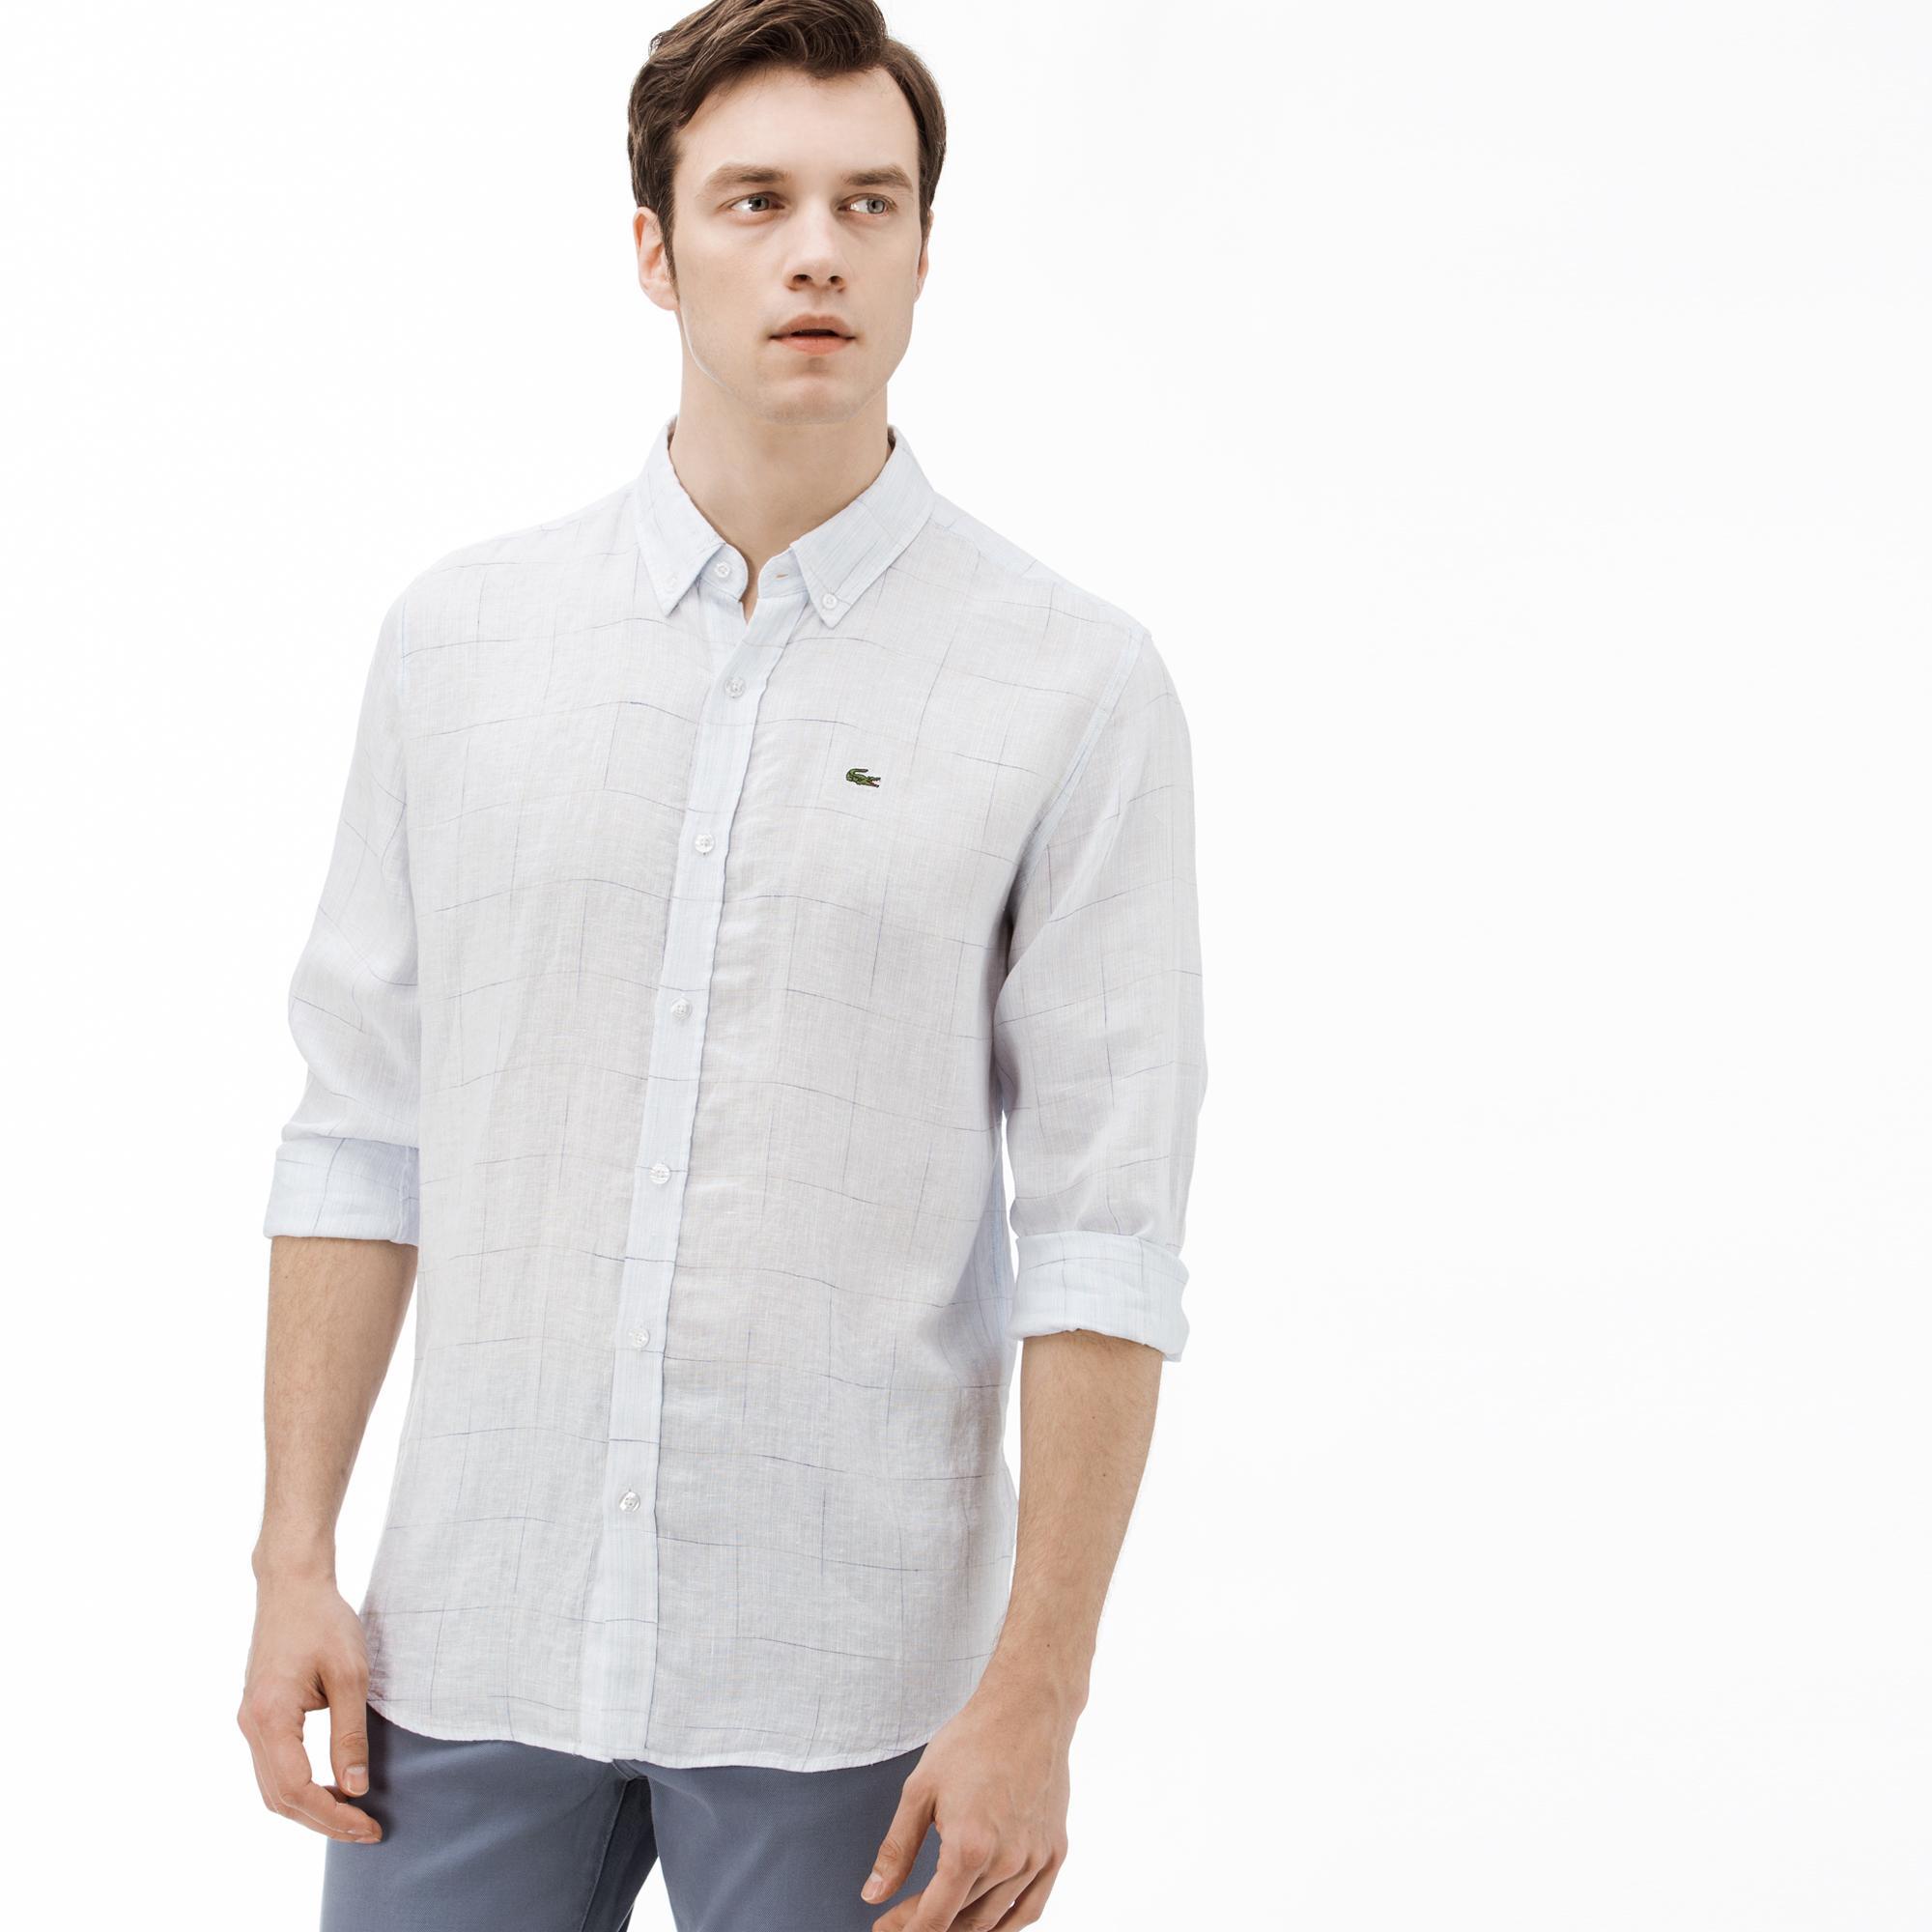 Lacoste Erkek Regular Fit Açık Mavi Ekose Gömlek